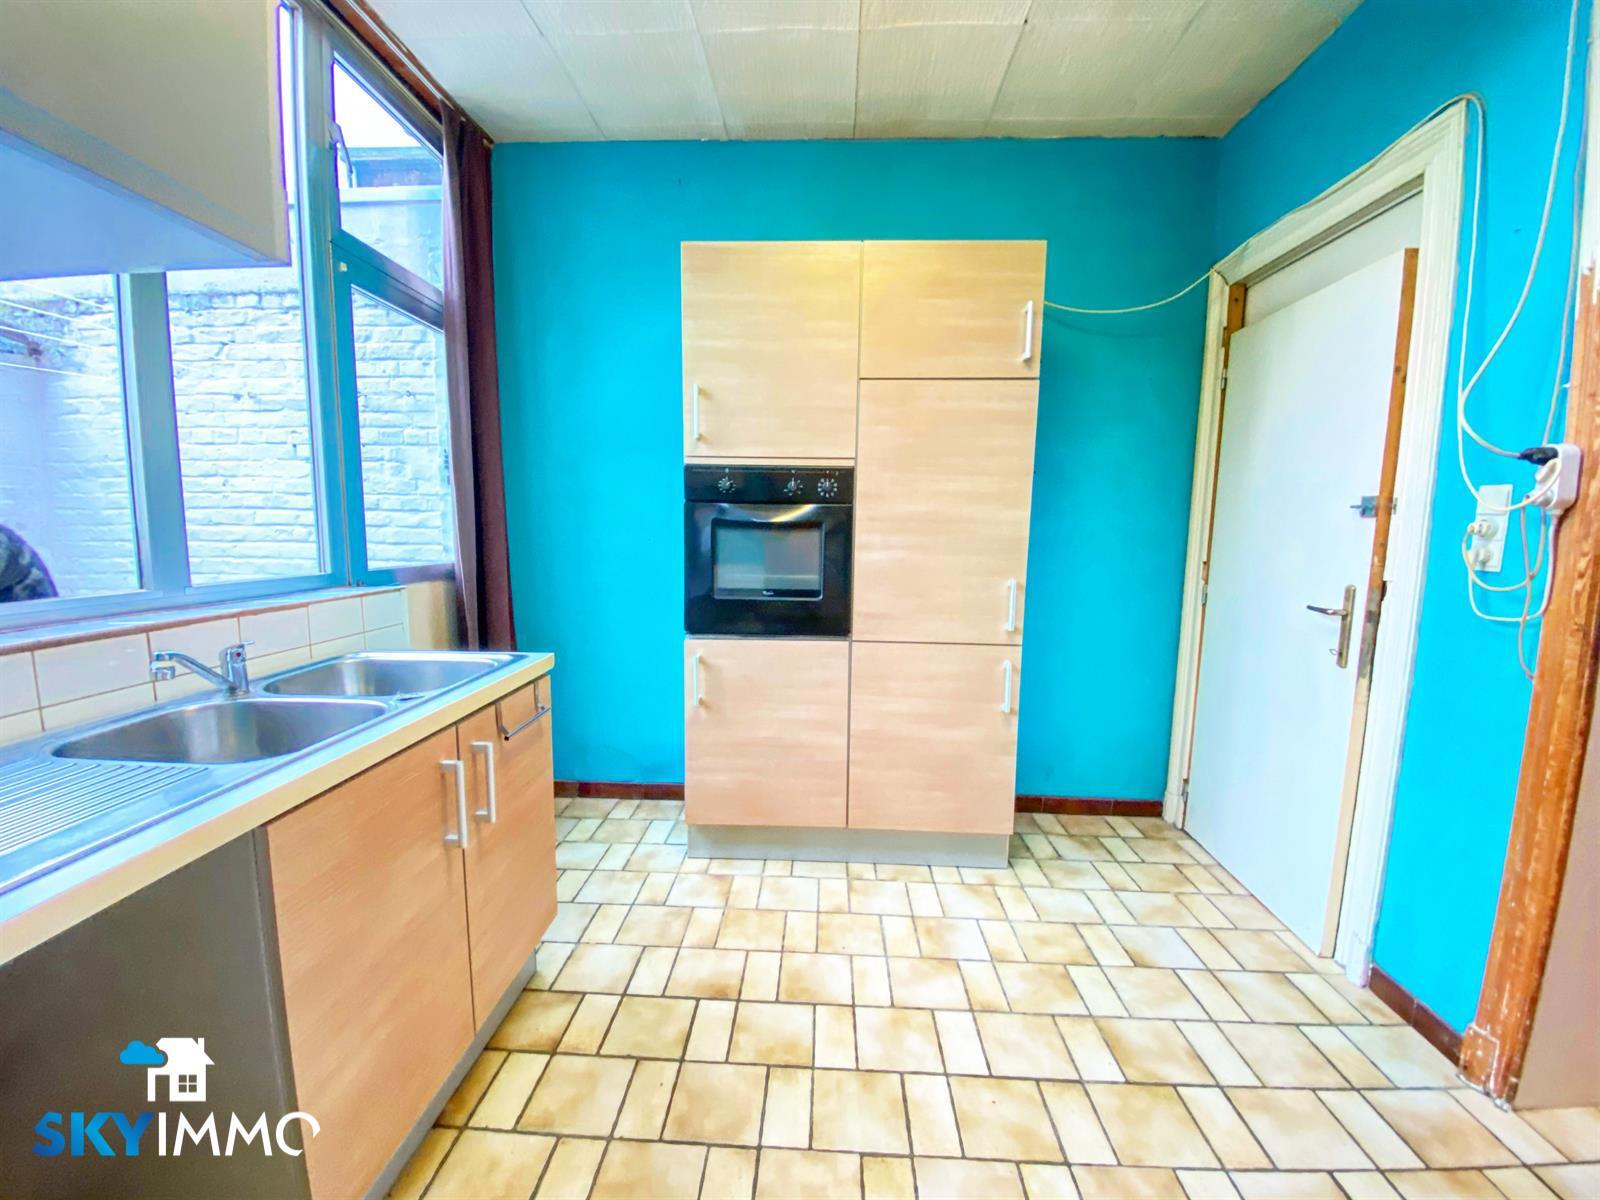 Maison - Liege - #4157610-5